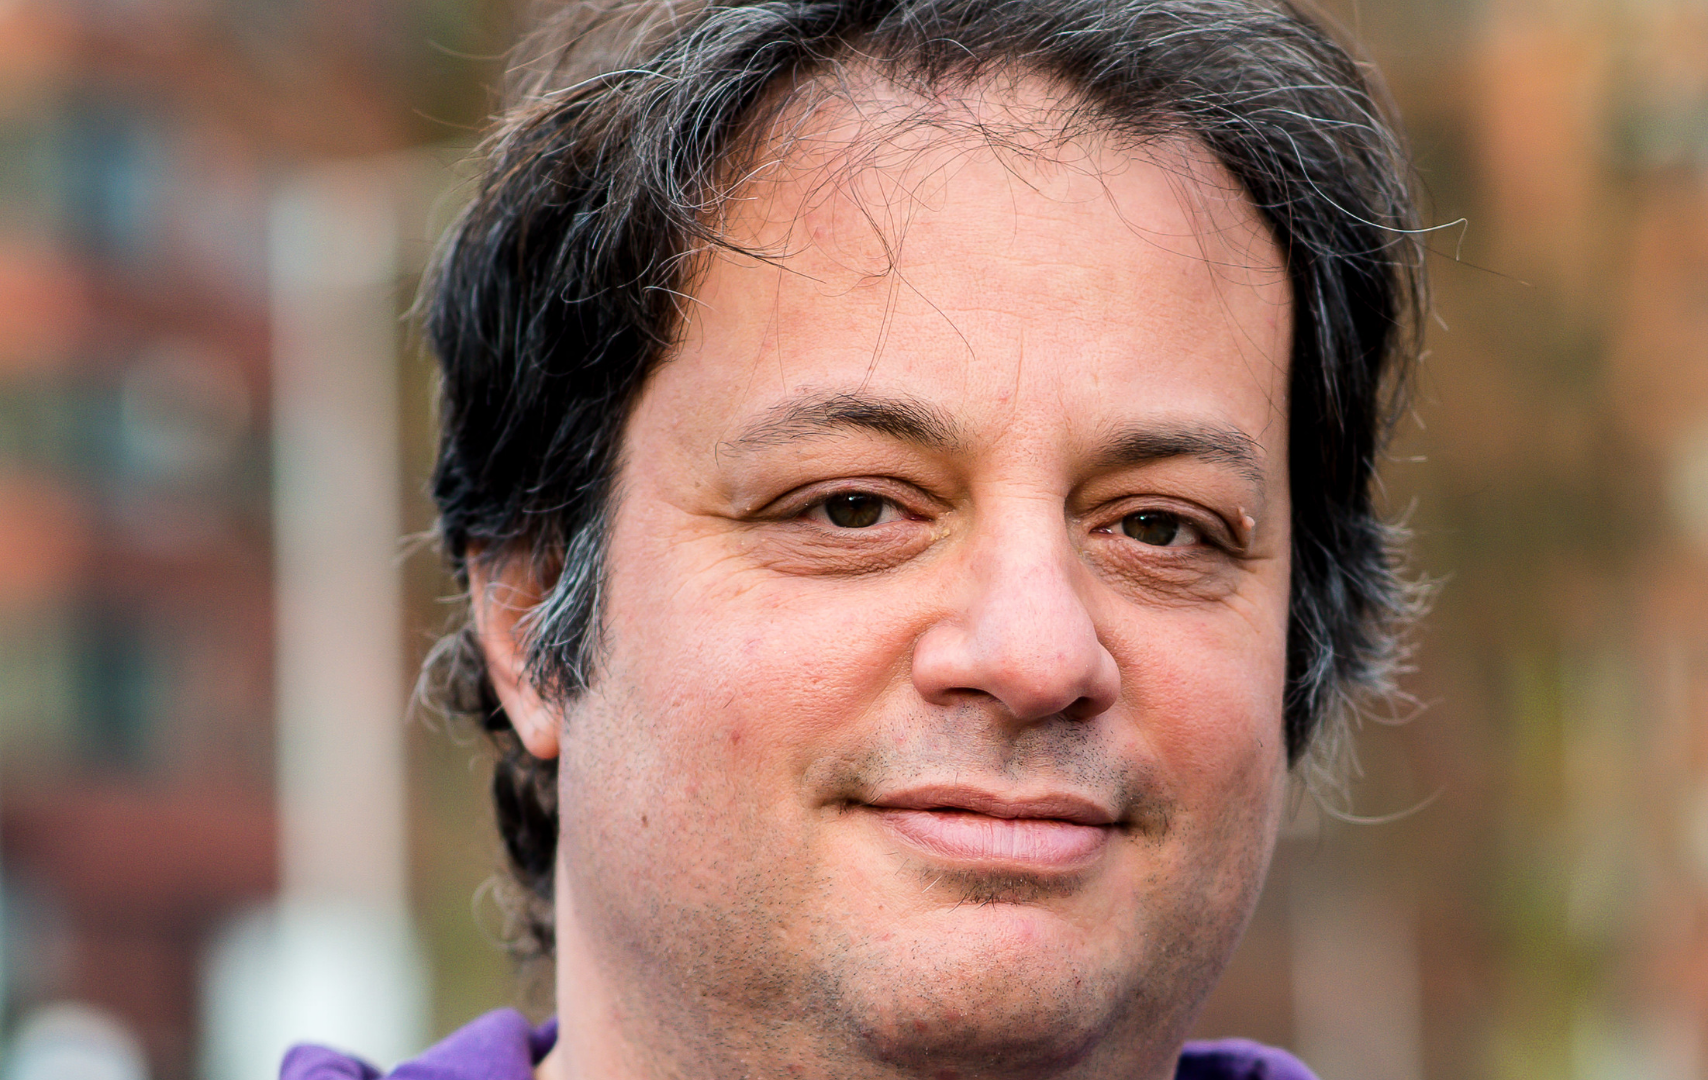 Portretfoto van Yuval. Hij heeft zwart haar en draagt een paars vest.